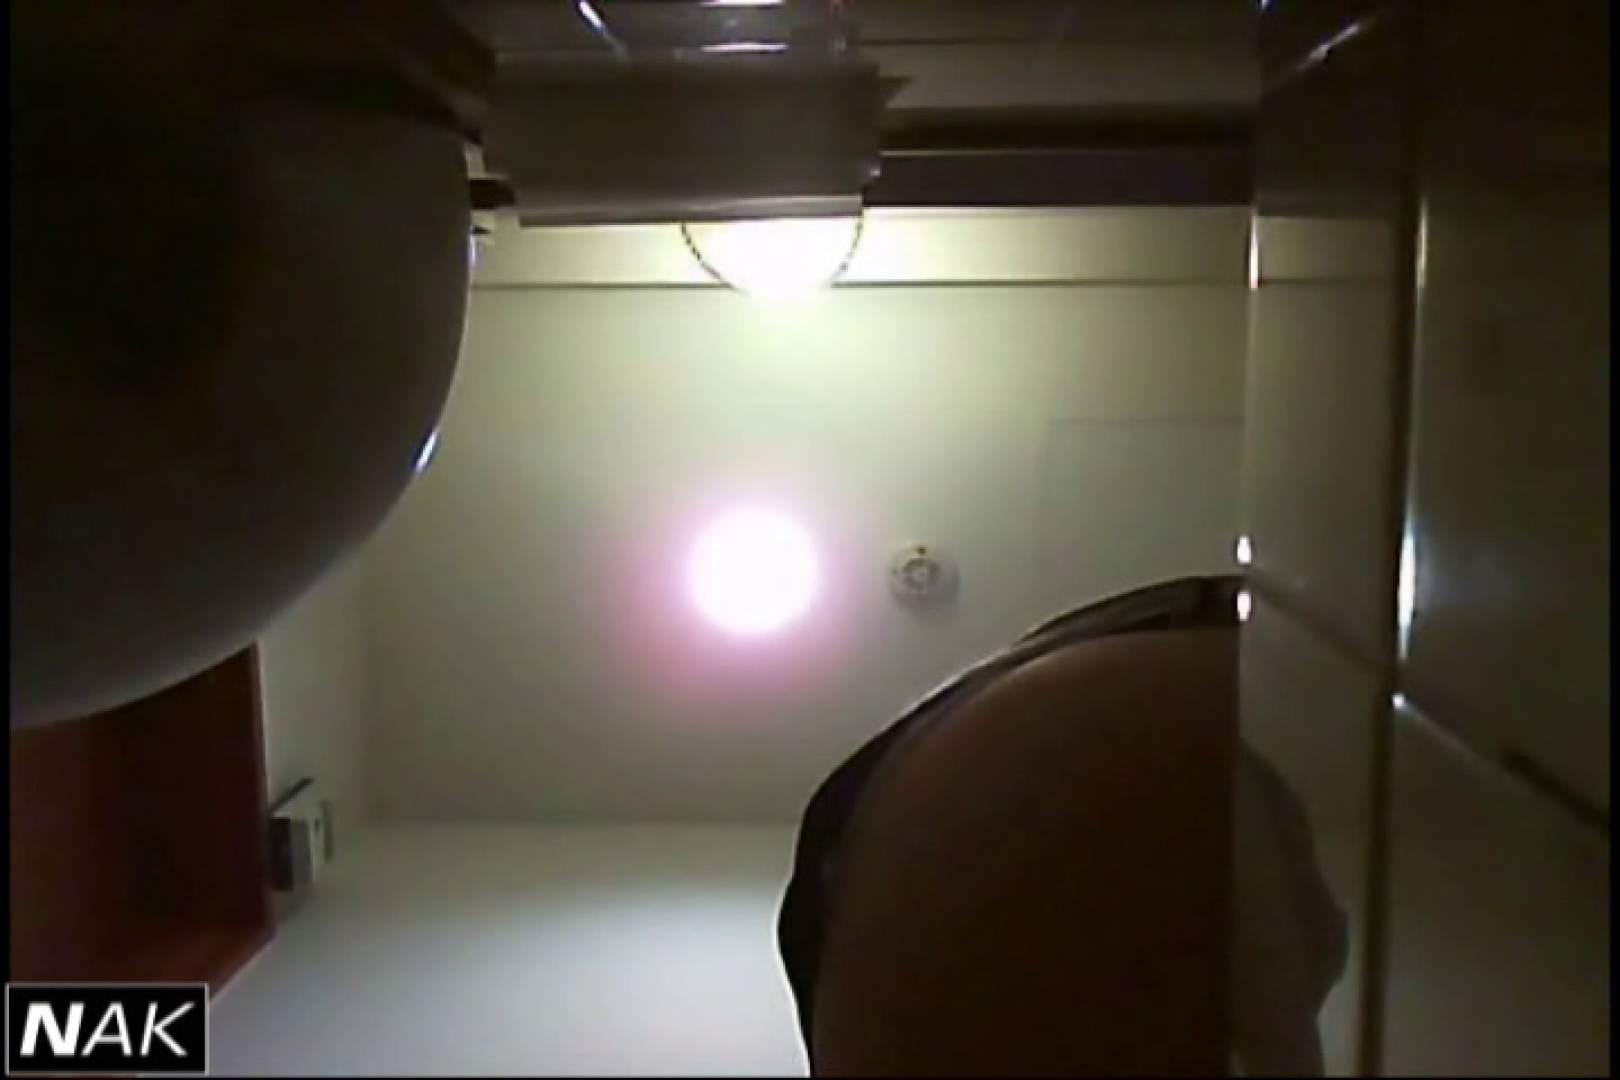 亀さんかわや VIP和式2カメバージョン! vol.05 OLのエロ生活   無修正マンコ  64連発 51